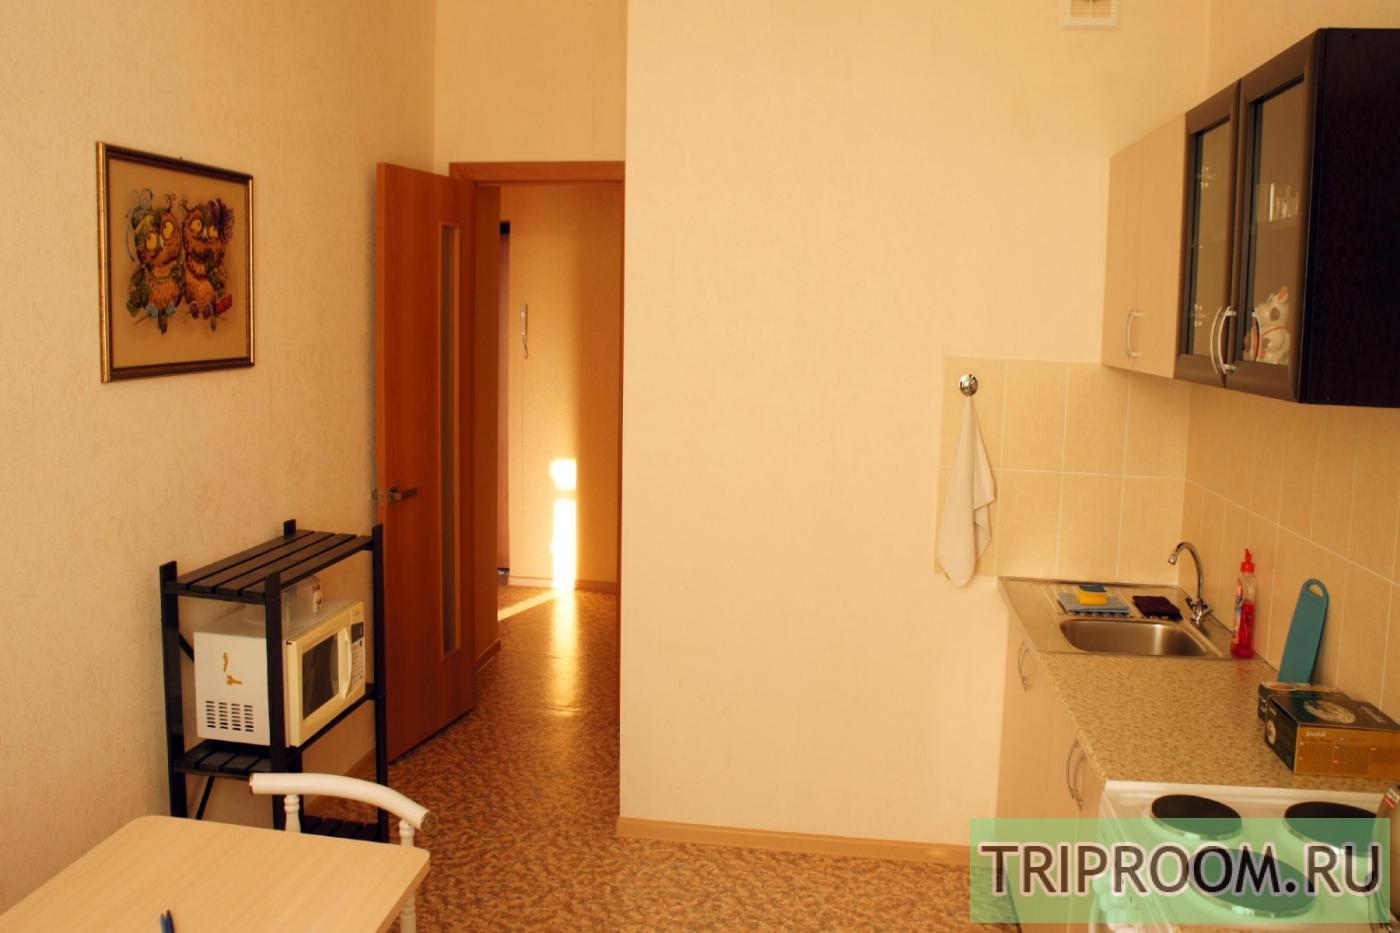 1-комнатная квартира посуточно (вариант № 23100), ул. Московская улица, фото № 12